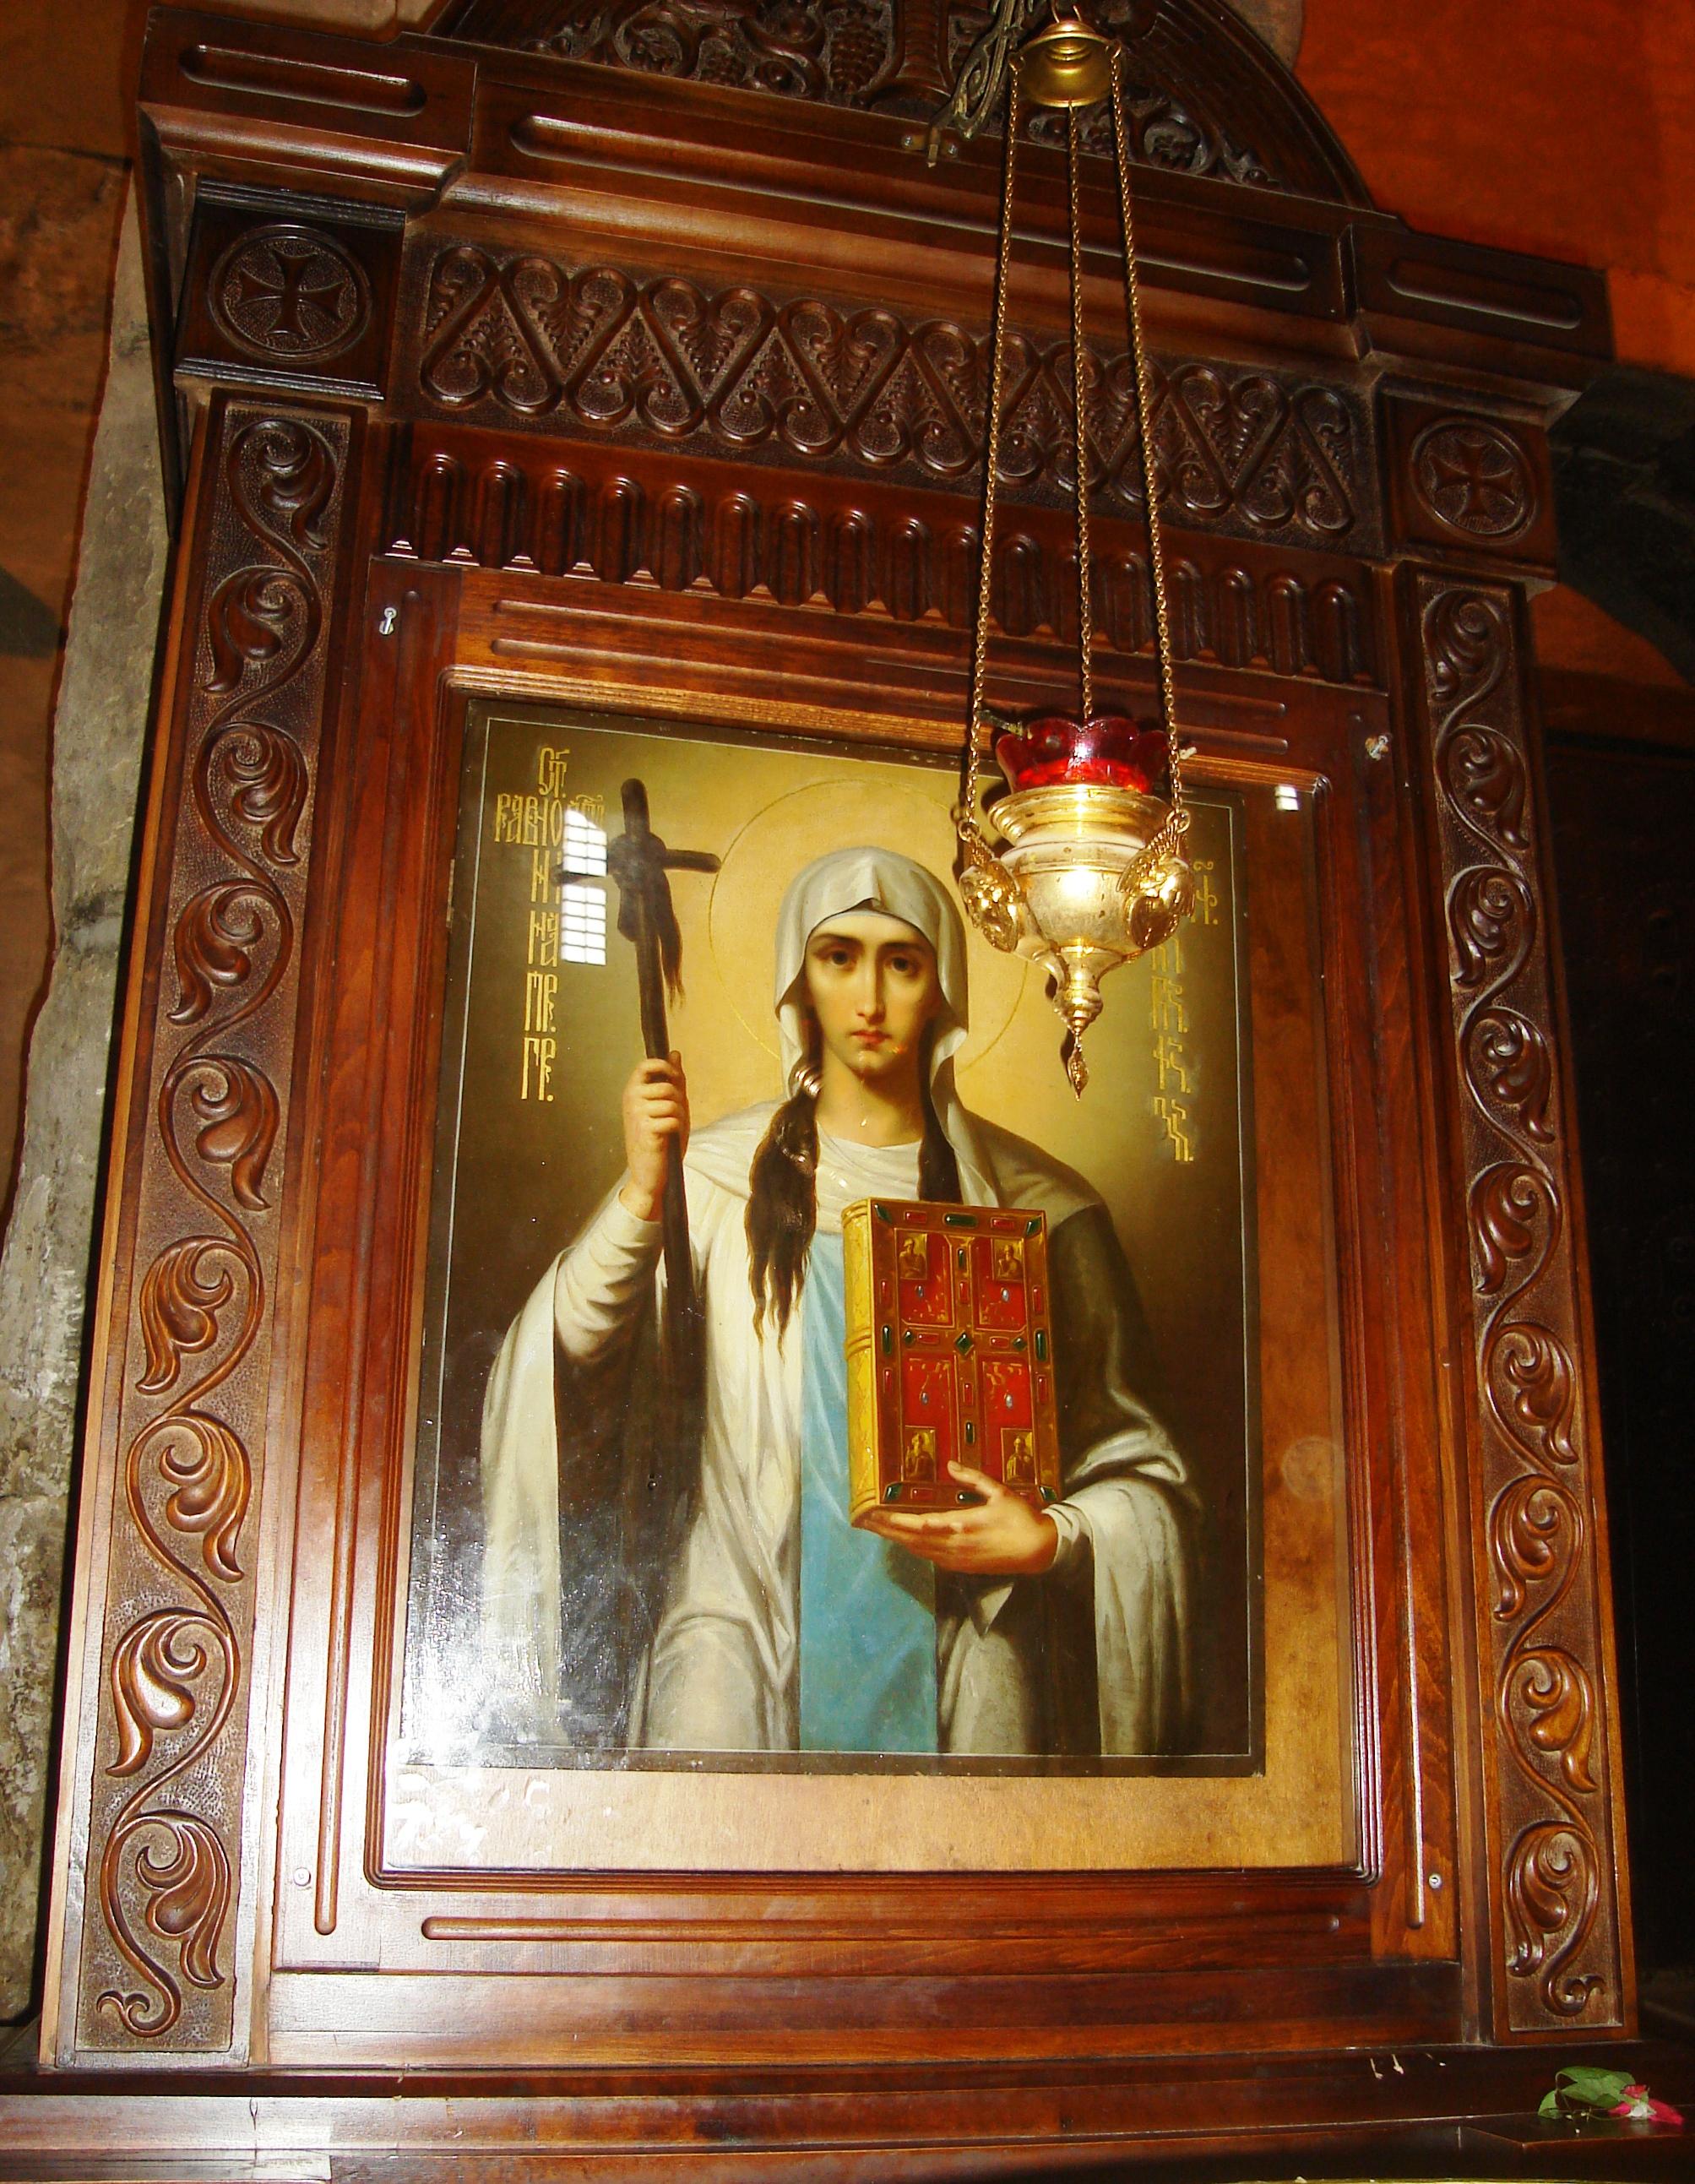 https://churchdocs.files.wordpress.com/2018/01/st_nino_icon_at_svetitskhoveli_georgia.jpg